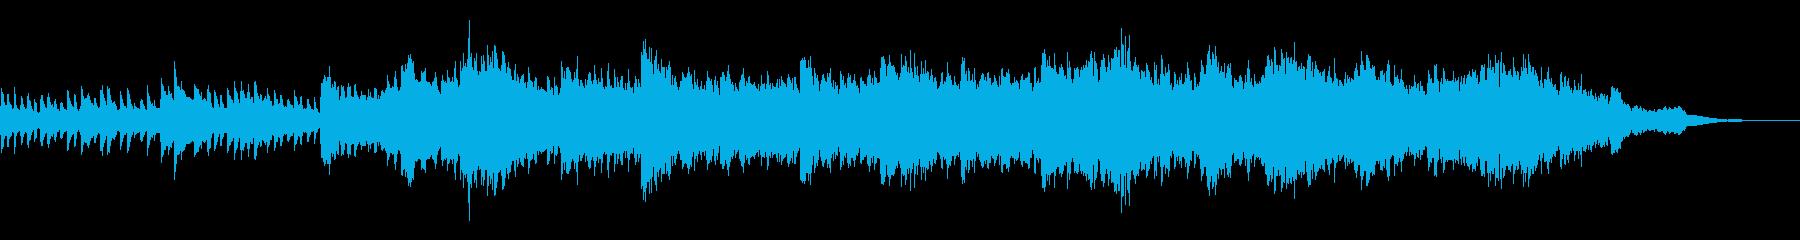 ハロウィンの不吉な予感のするBGMの再生済みの波形